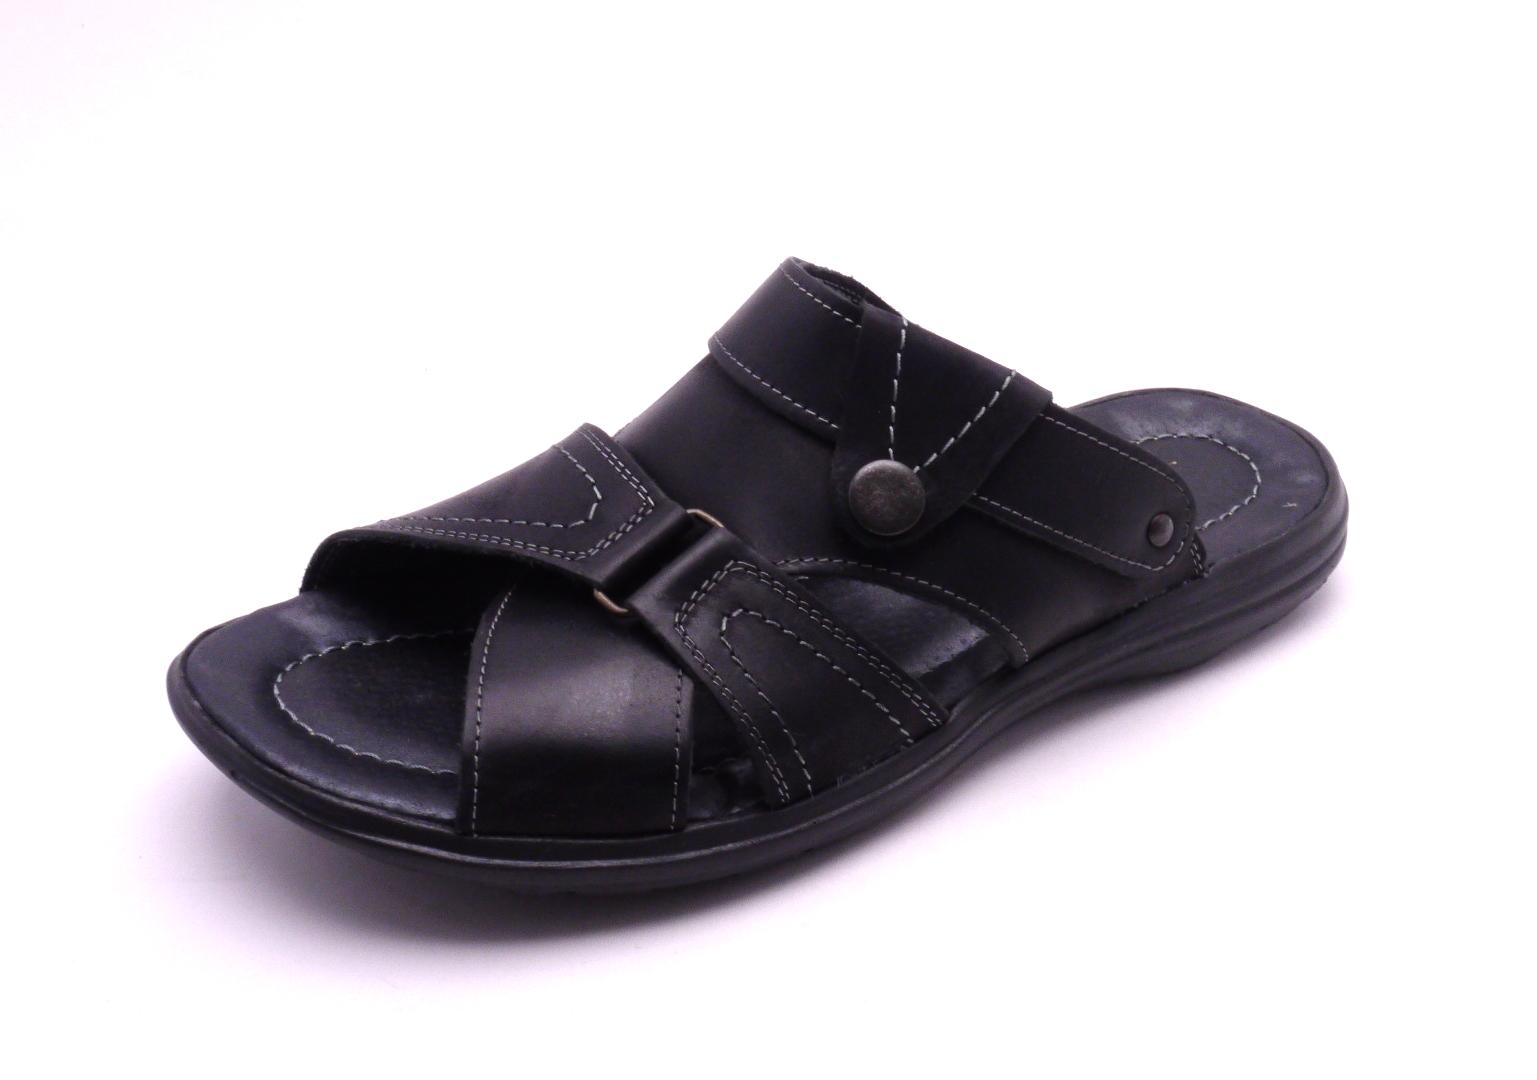 49f819af5 Mintaka Pánské pohodlné kožené pantofle 727-247-024 Velikost: 41